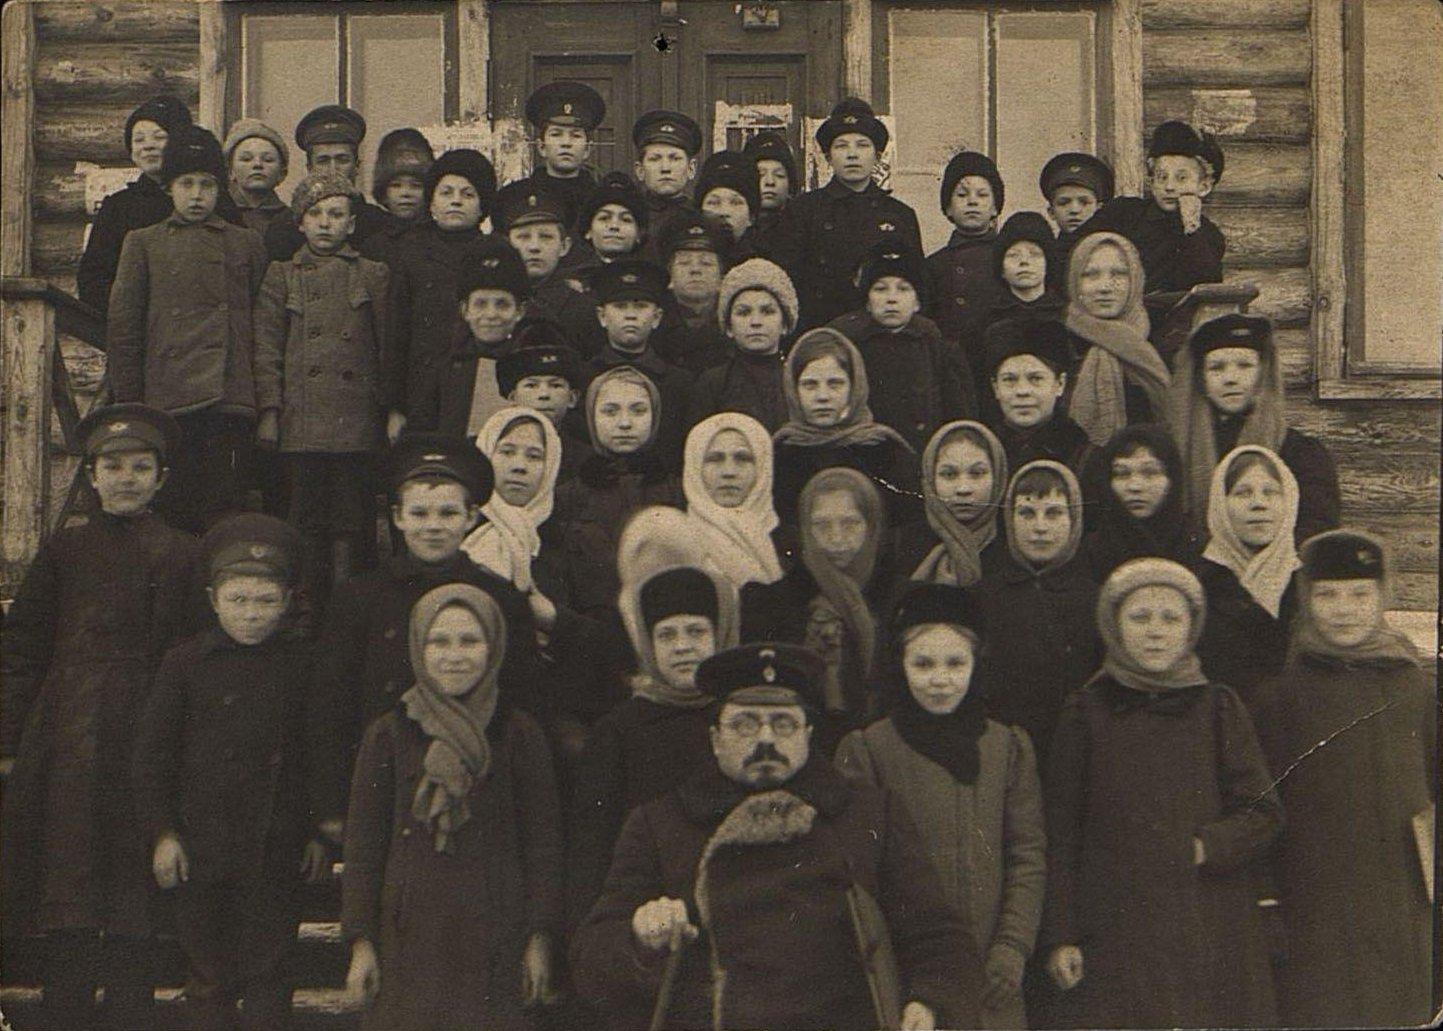 Целембровский А.М., инспектор начальной железнодорожной школы в Рузаевке, среди учеников школы. 1910-е